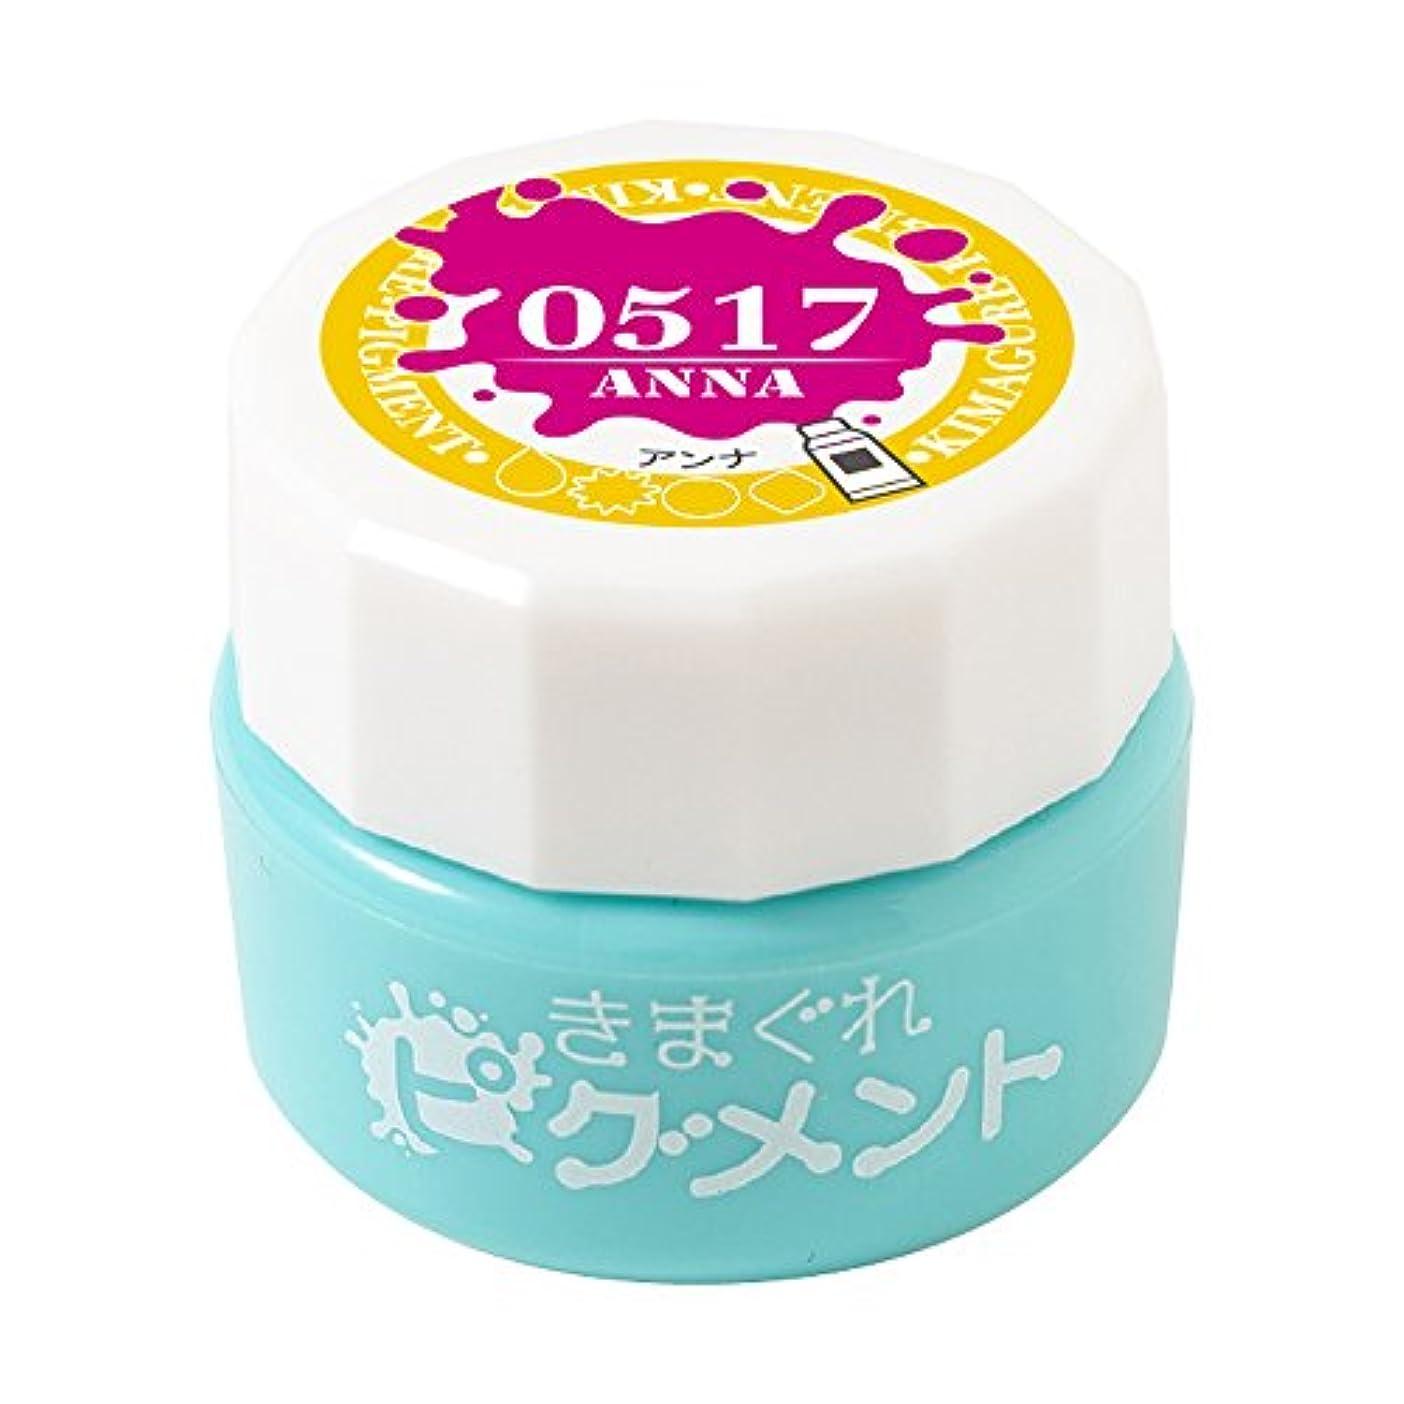 文庫本ディレクトリお嬢Bettygel きまぐれピグメント アンナ QYJ-0517 4g UV/LED対応